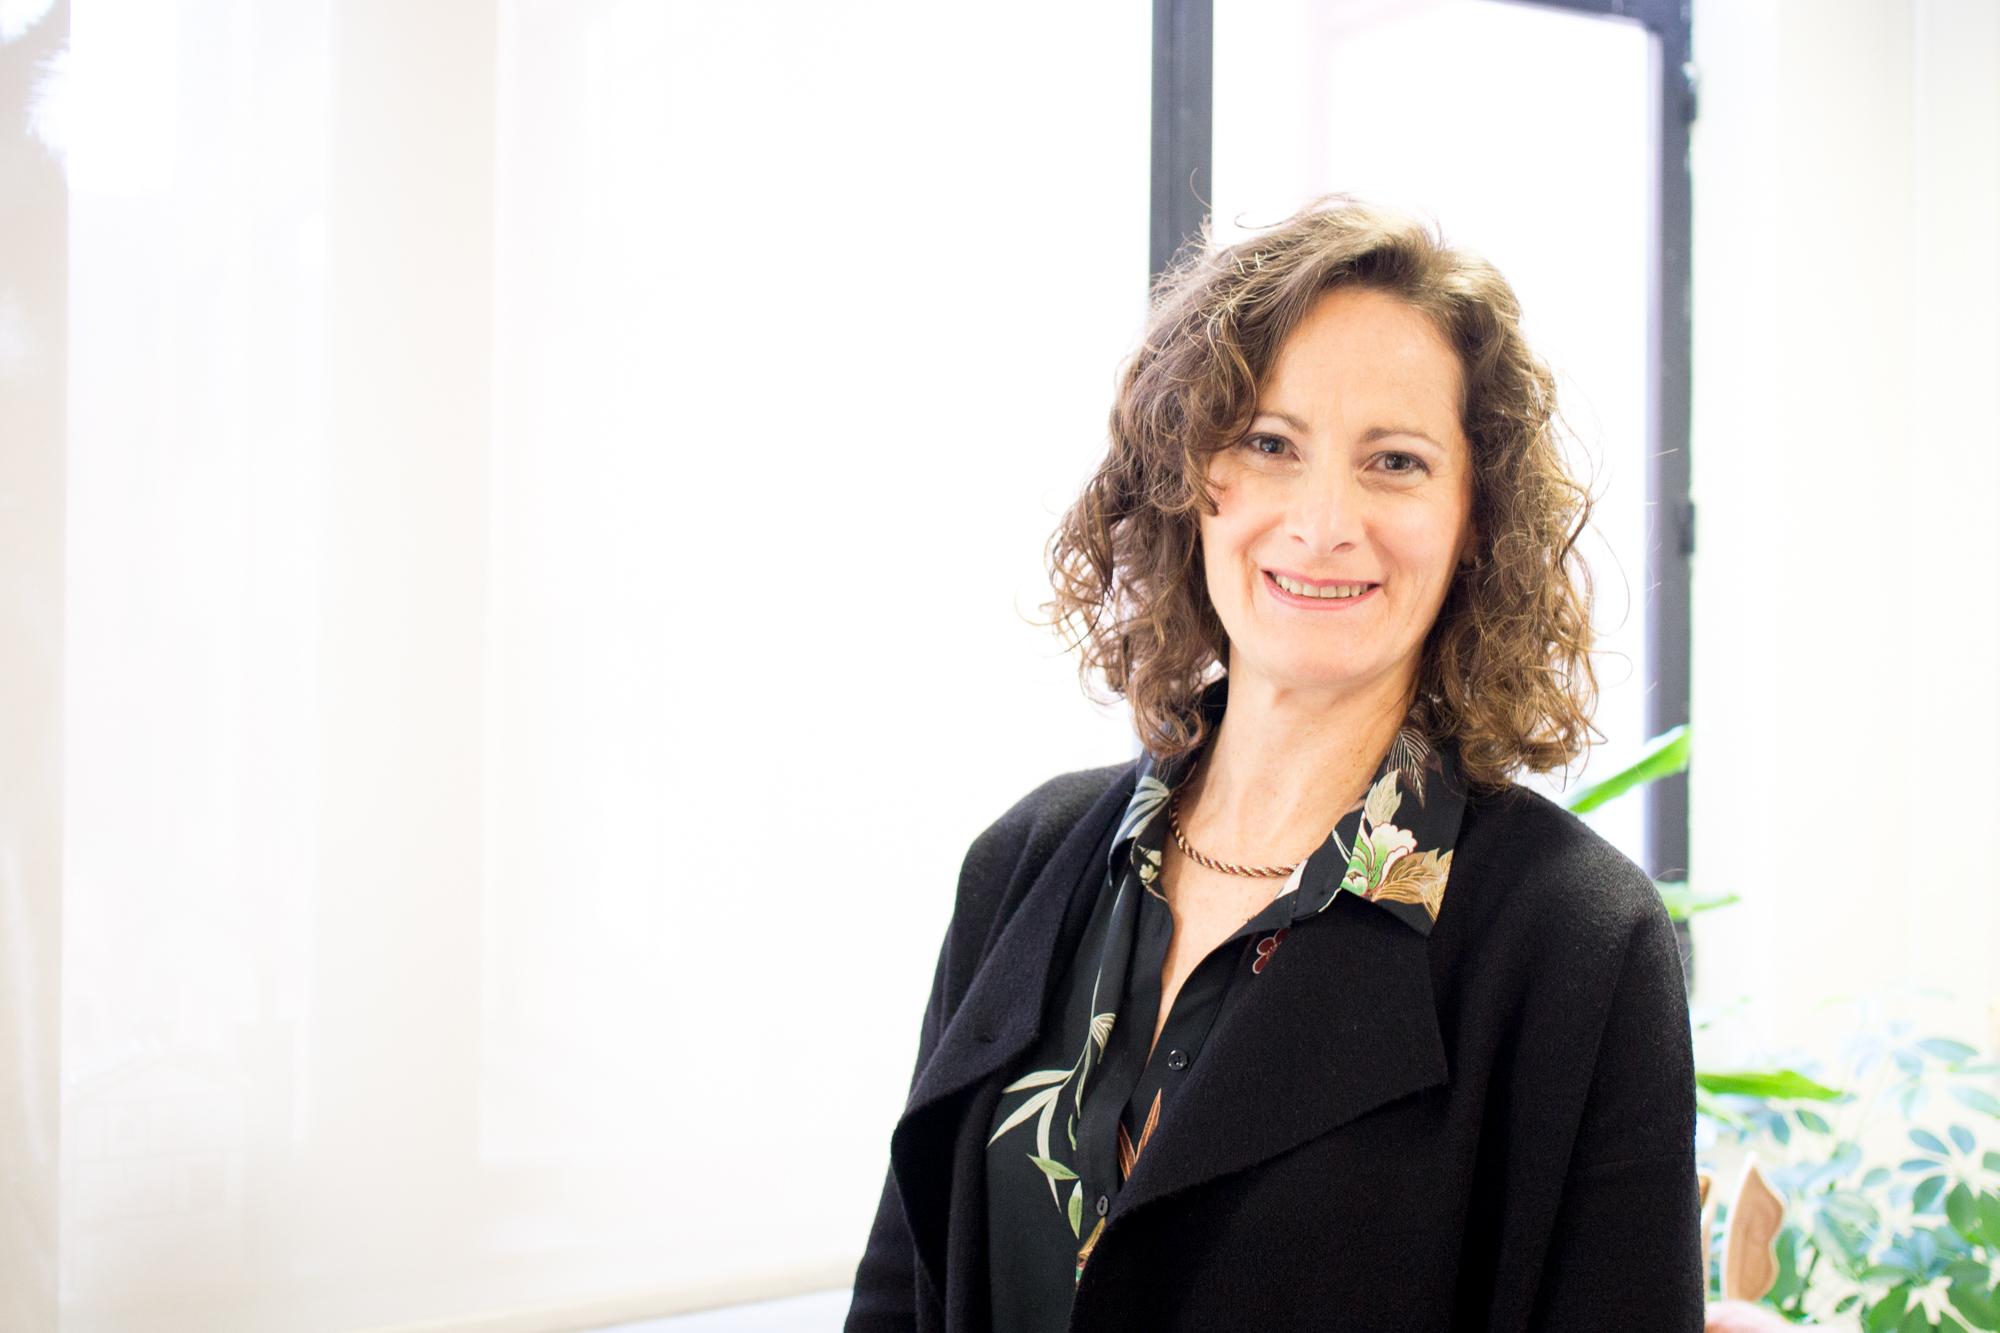 Empresa Saludable más allá de la Prevención: María del Mar Crespo